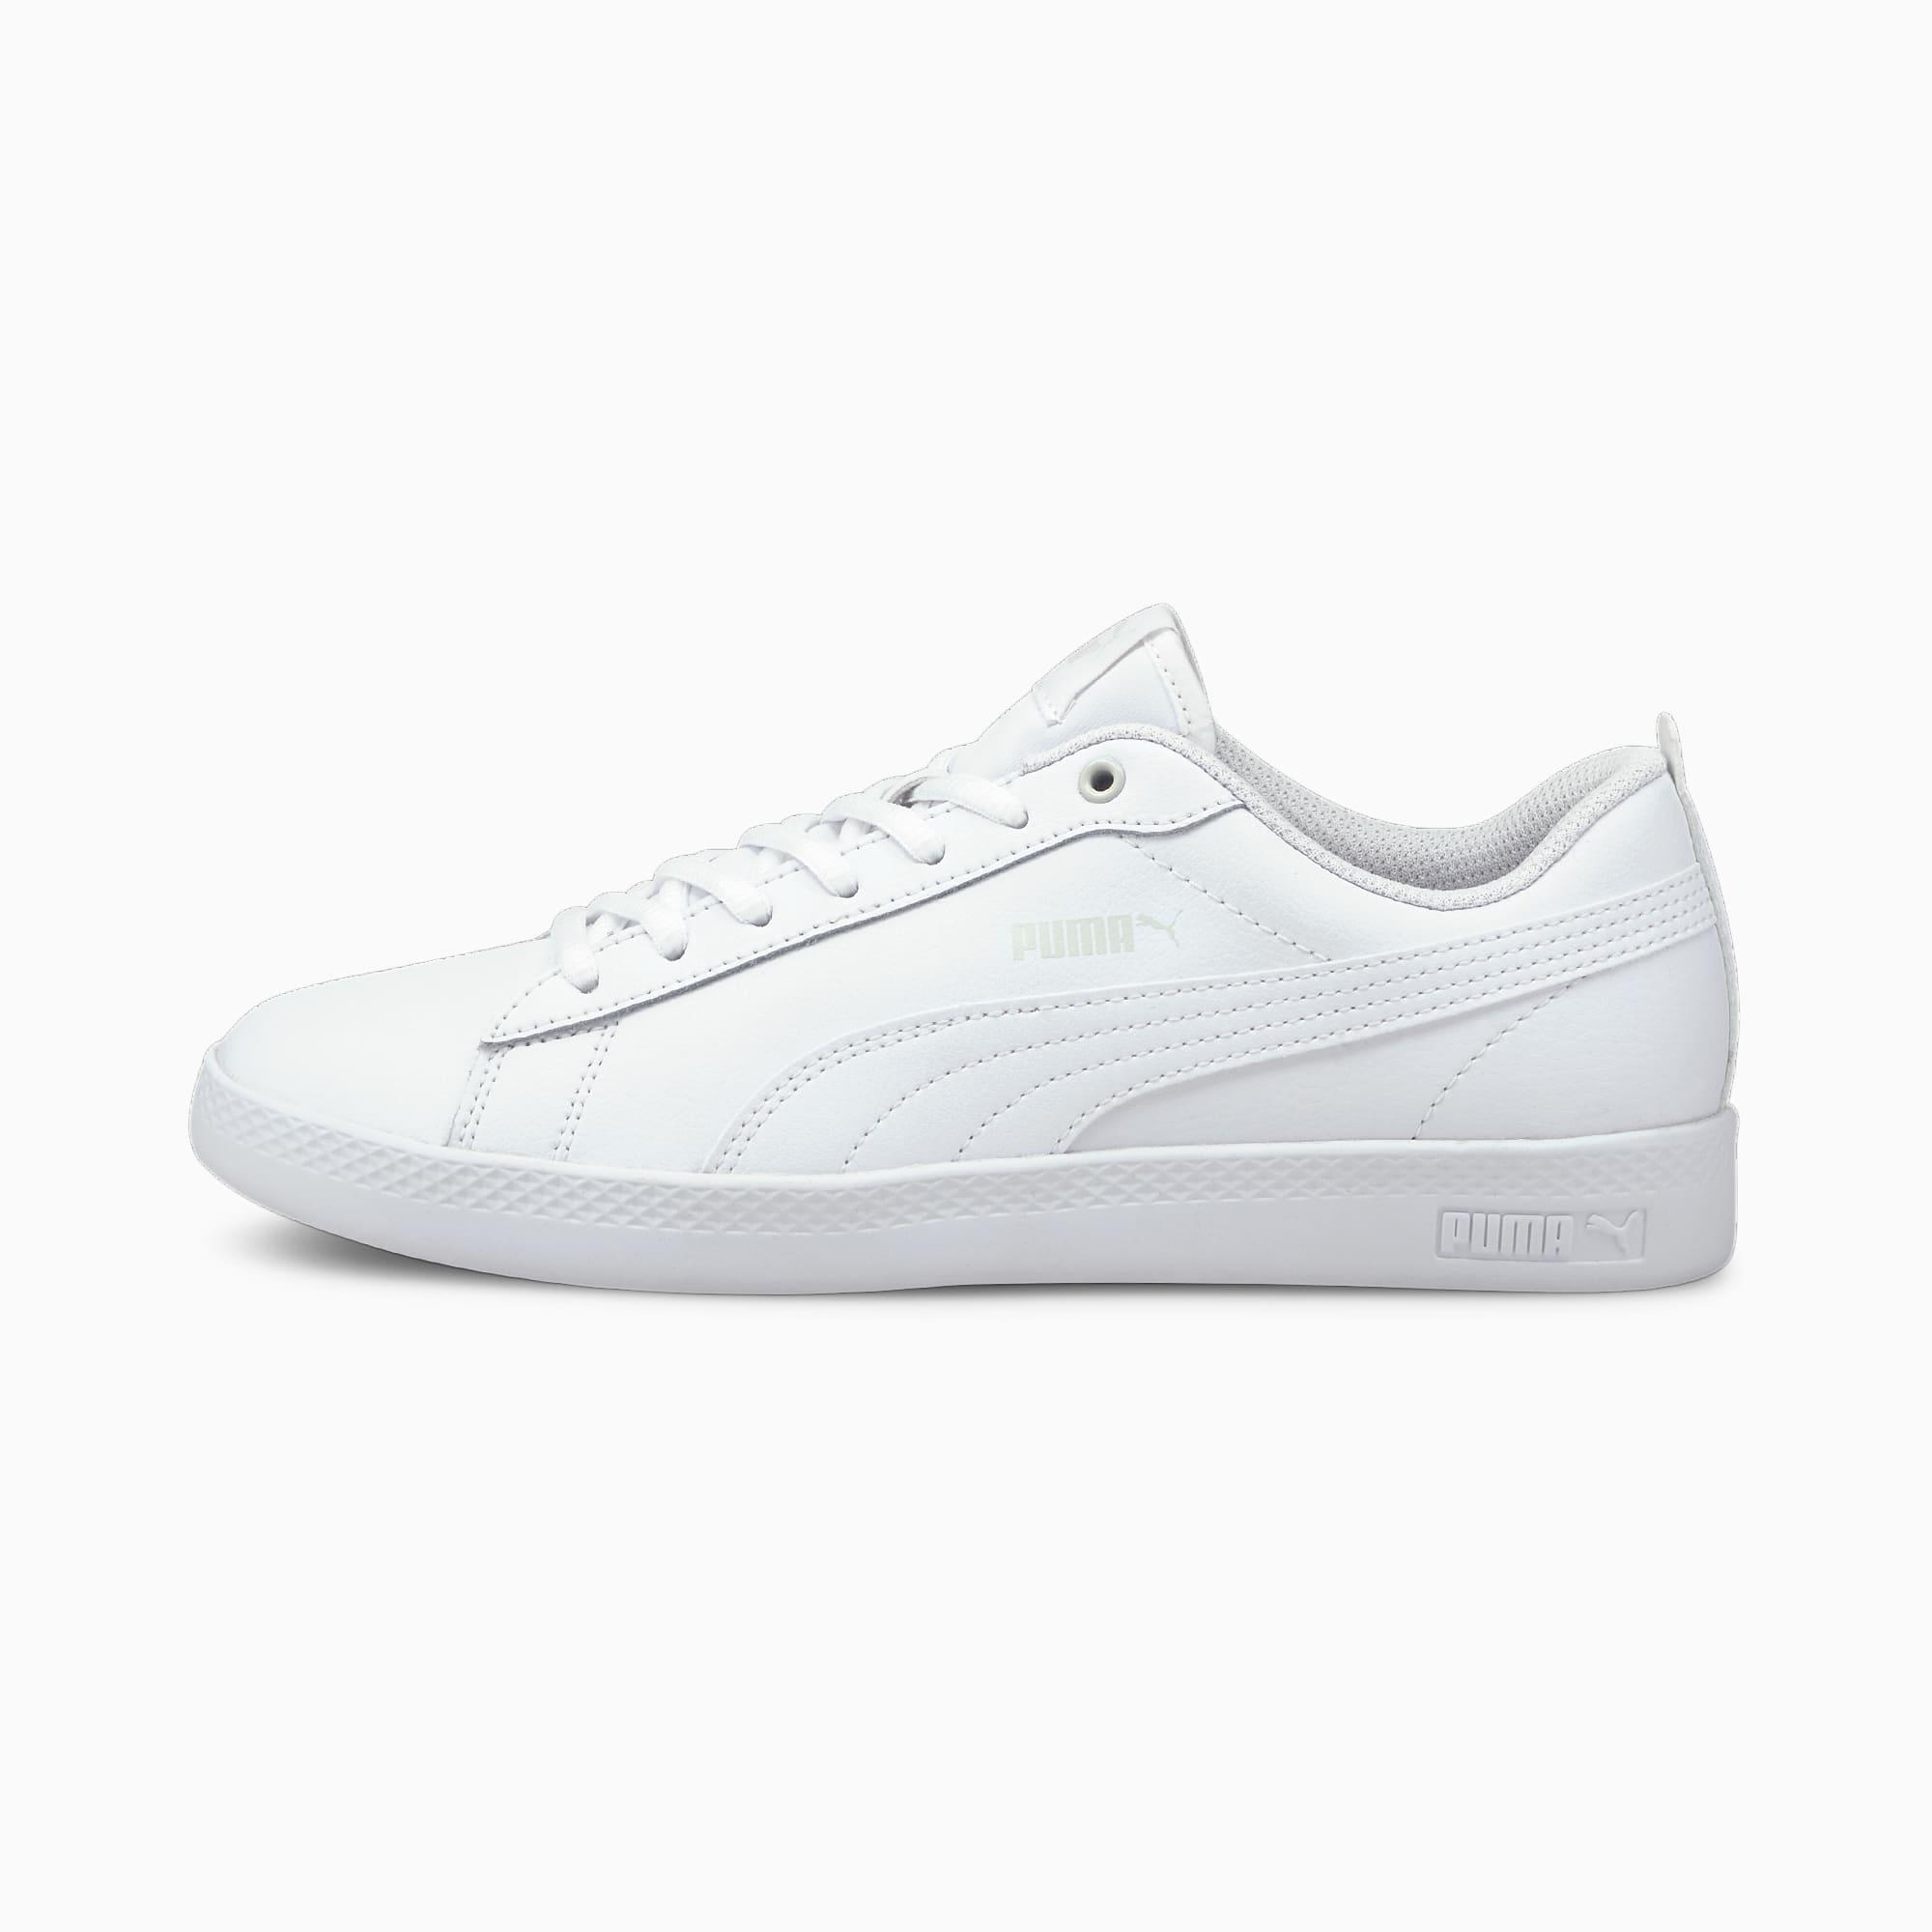 PUMA Damskie Buty Sportowe Ze Skóry Smash V2 Biały, rozmiar 35,5, Obuwie